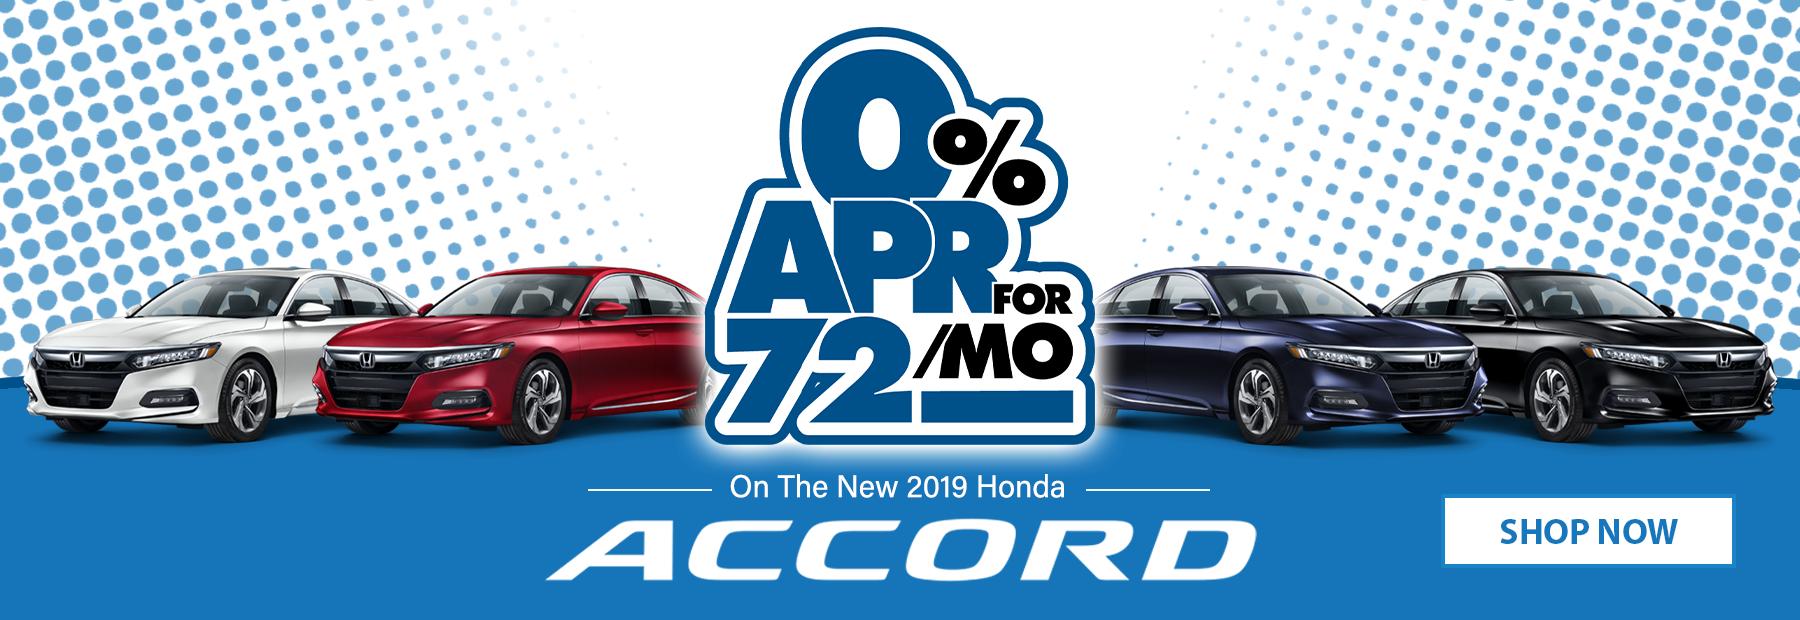 zero-percent-72-month-apr-2019-honda-accord-deal